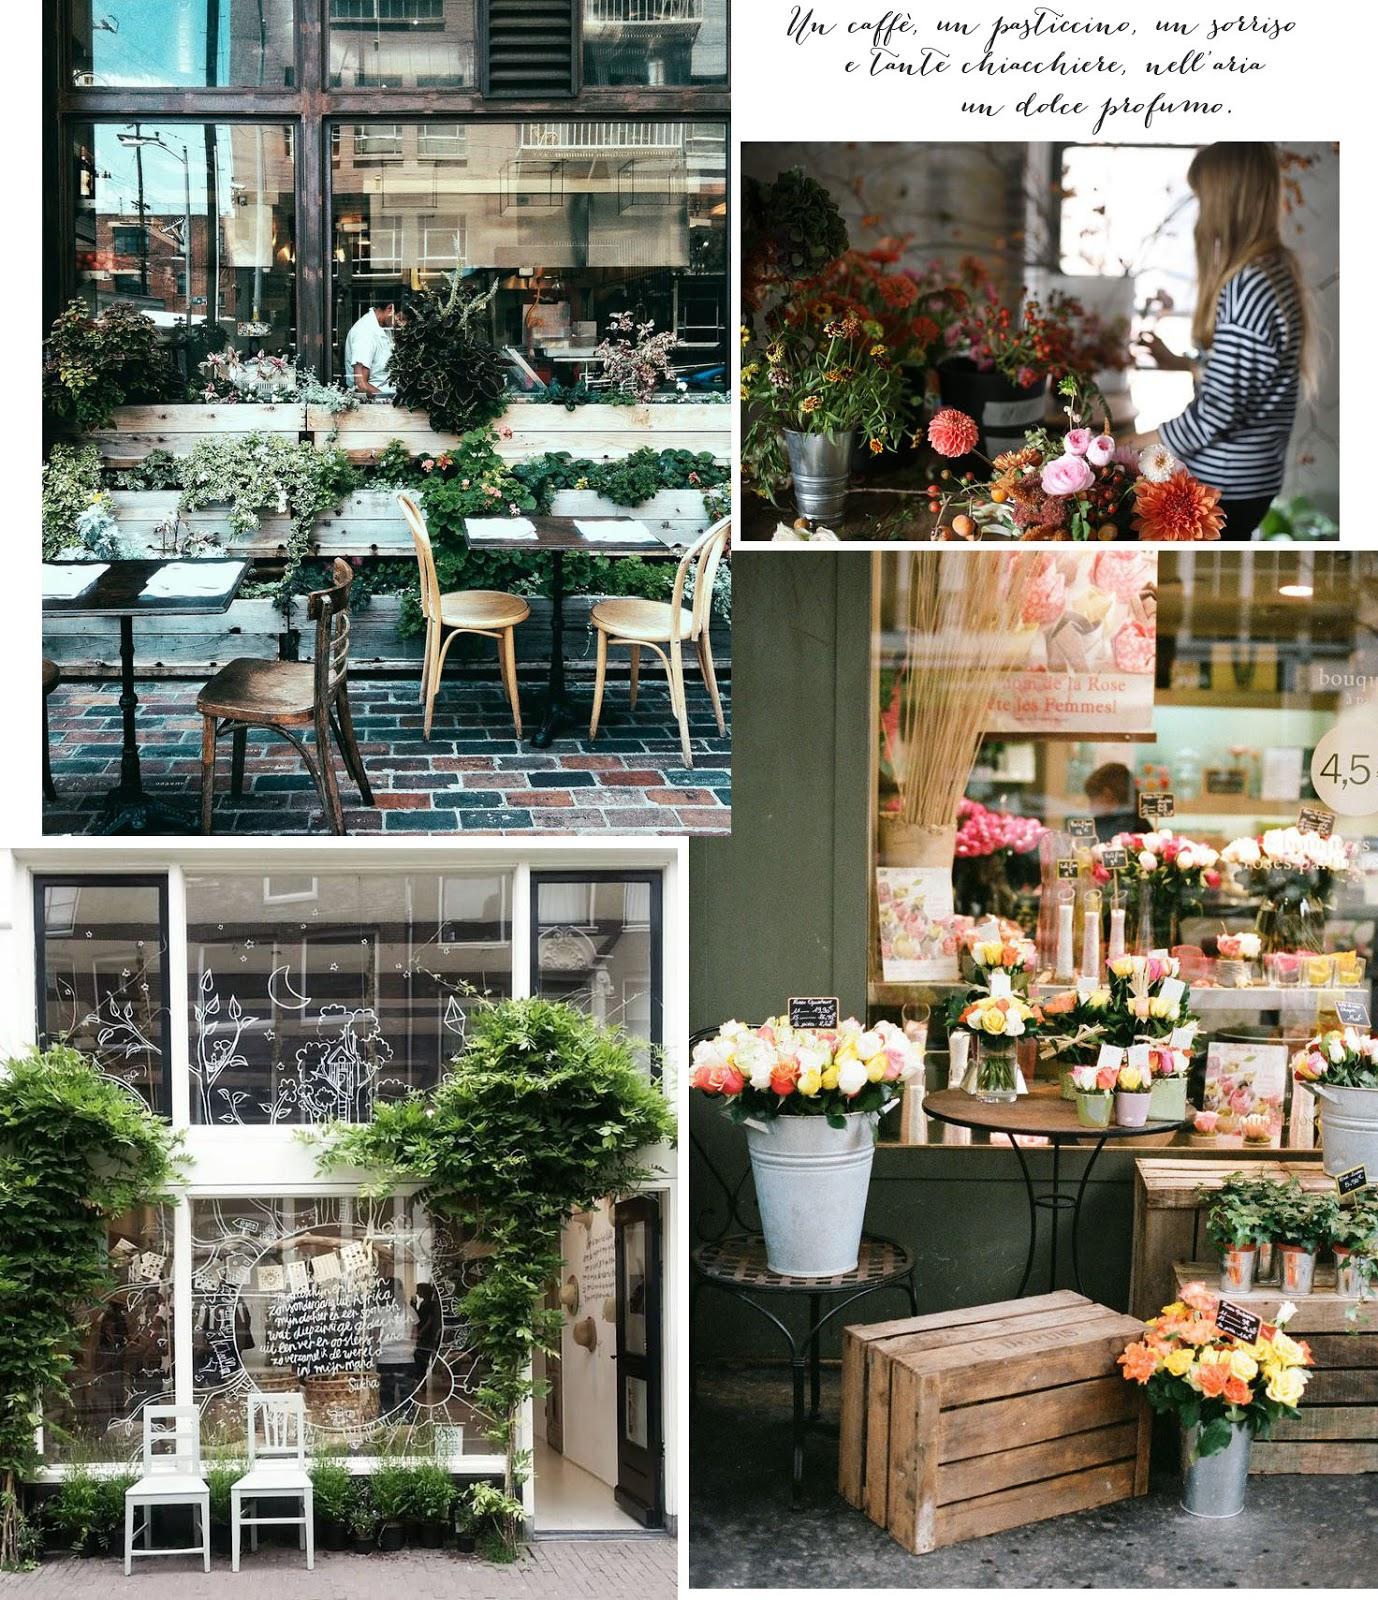 cibo & fiori - shabby chic interiors - Idee Arredamento Negozio Fiori